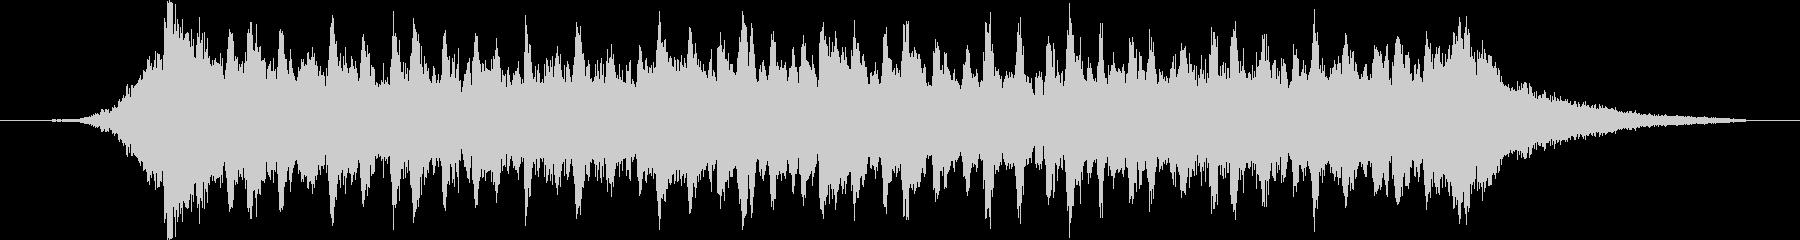 企業VPや映像に、華やか、オーケストラ3の未再生の波形